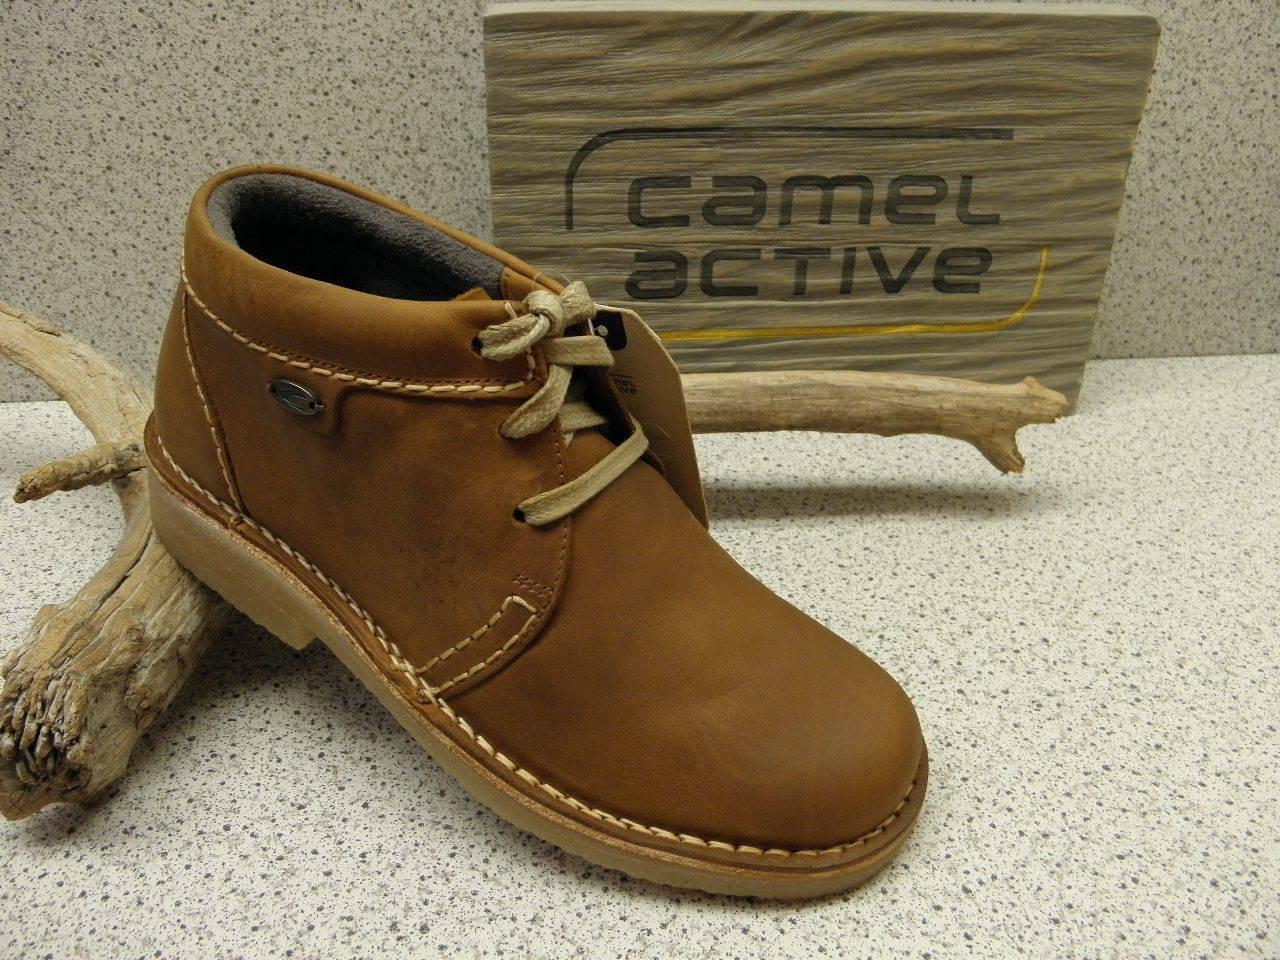 Camel active ® 11%  rotuziert,   Havanna  Kult Stiefel braun (C65)